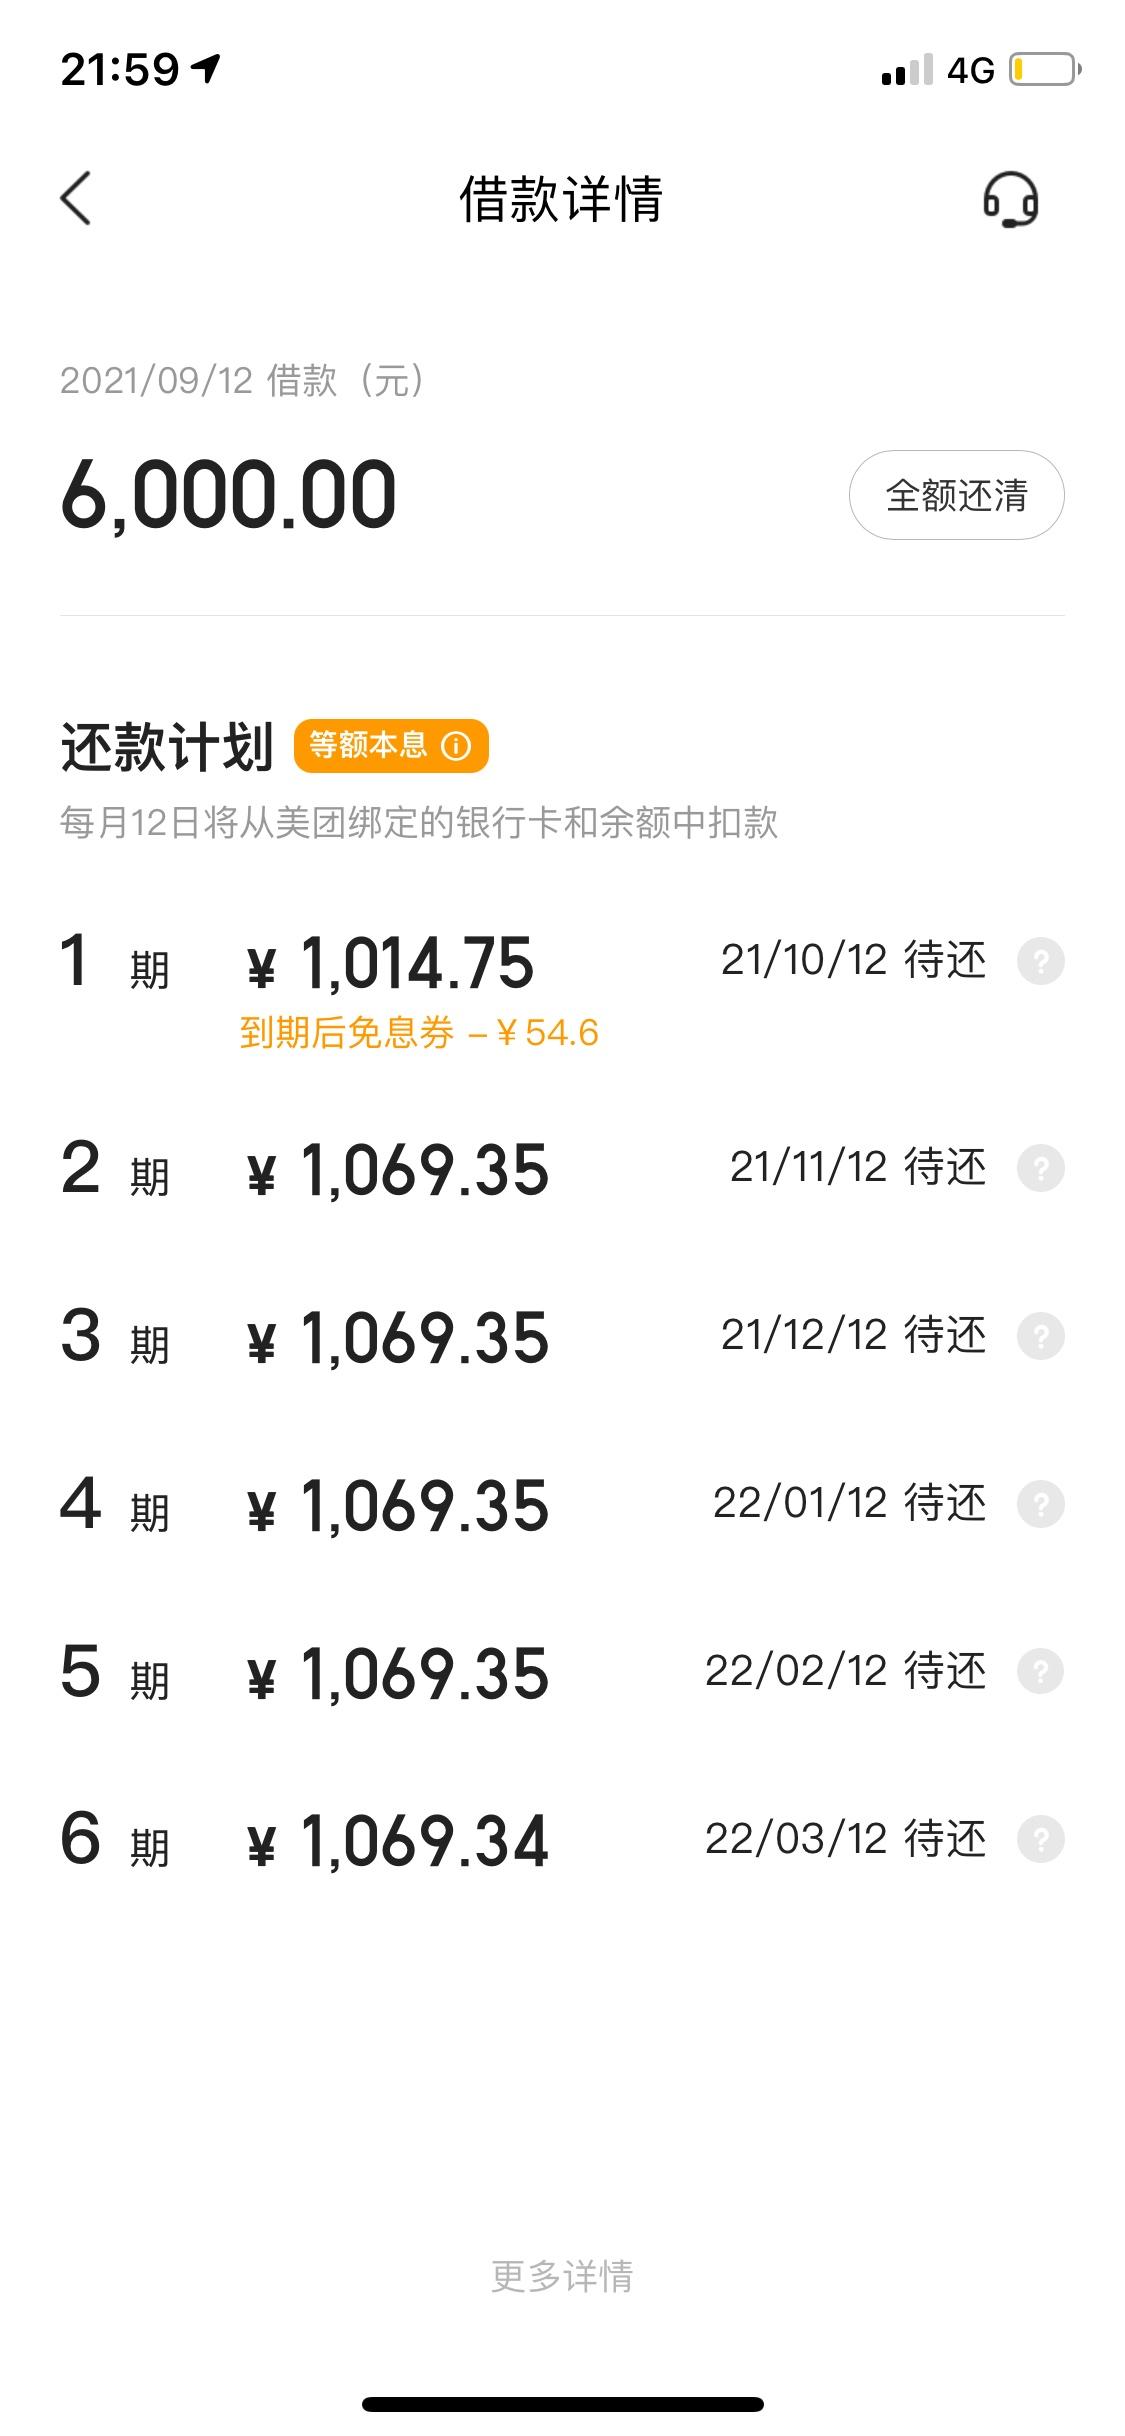 美团借钱 6000  从审核到下款5分钟的时间20 / 作者:还好么? /